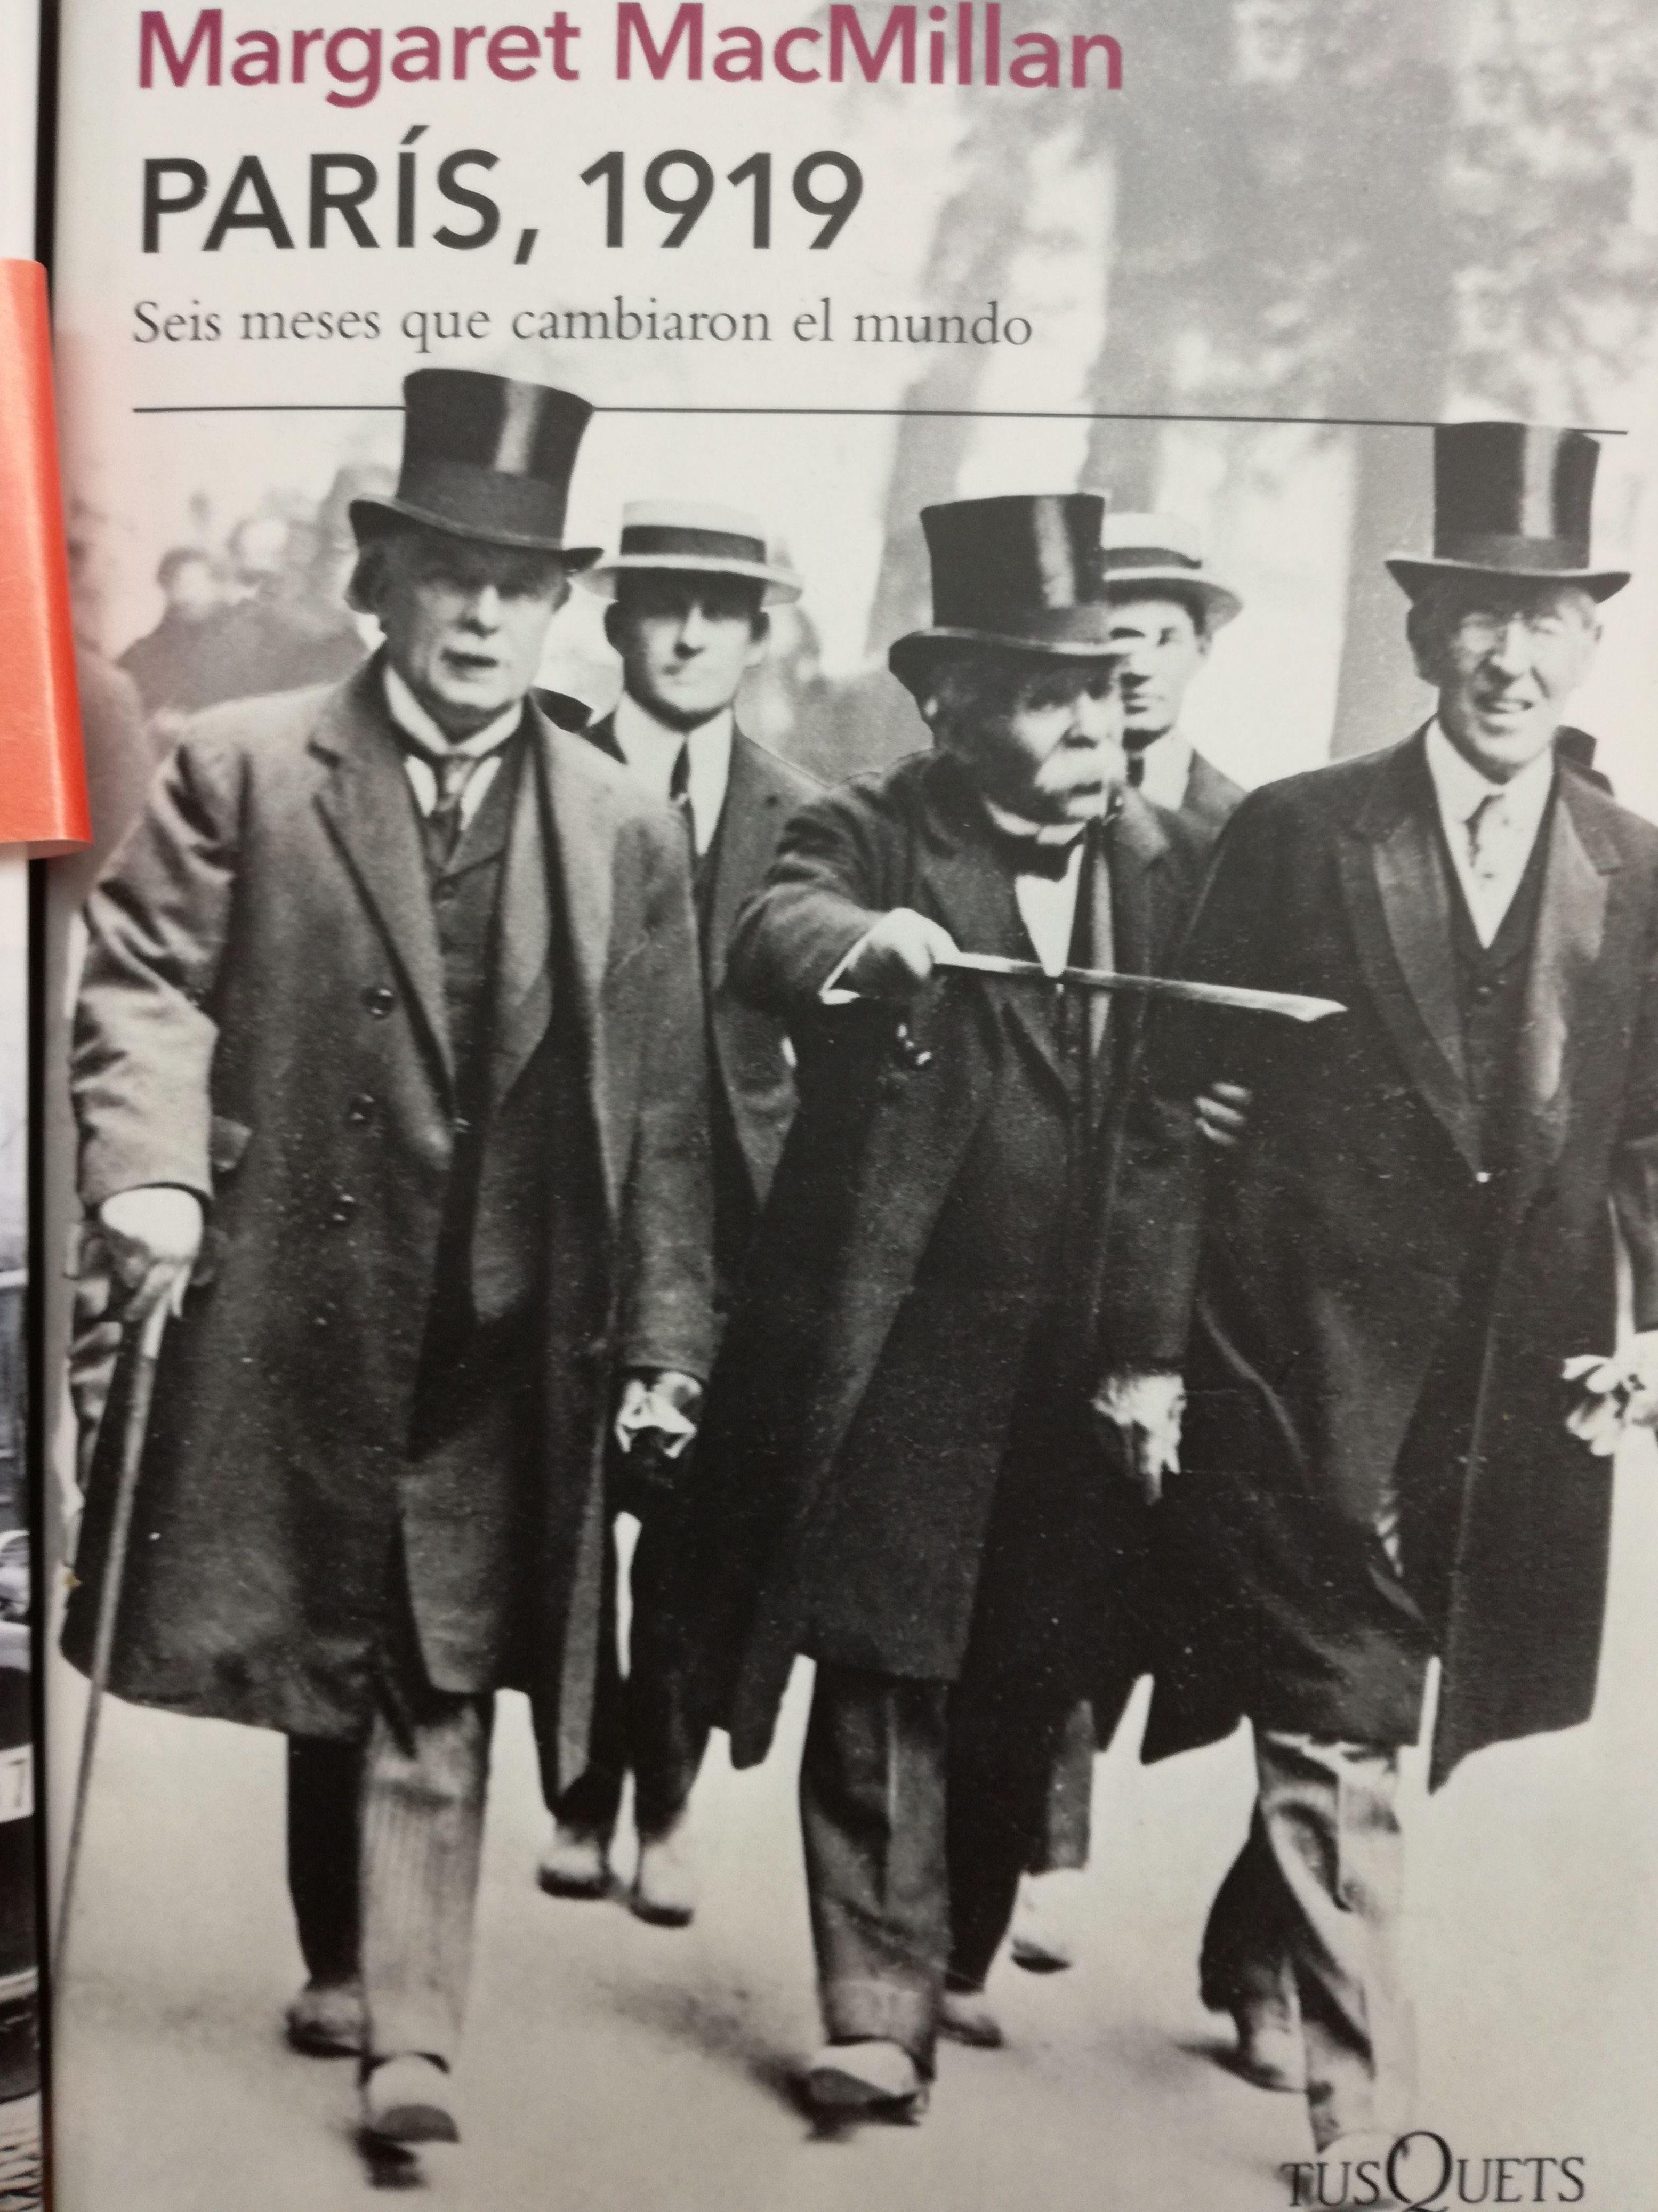 París,1919: SECCIONES de Librería Nueva Plaza Universitaria